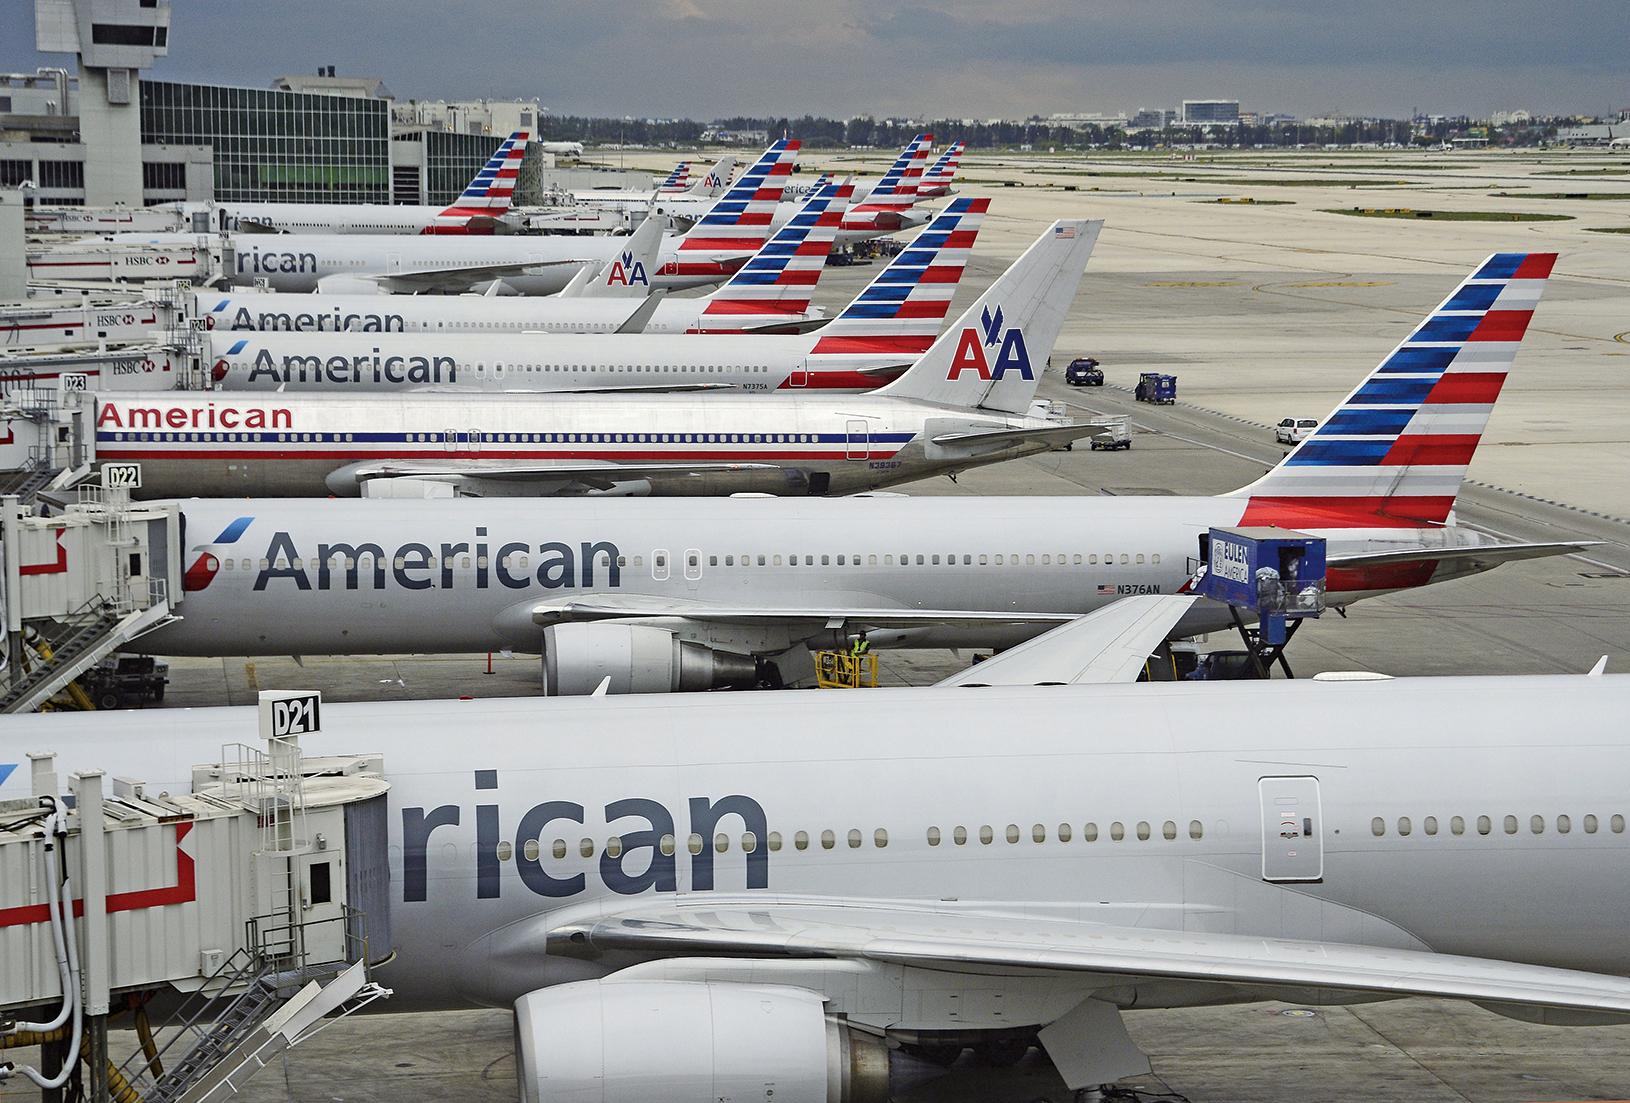 圖為邁阿密國際機場停機坪上的客機與登機橋(空橋)。(Getty Images)